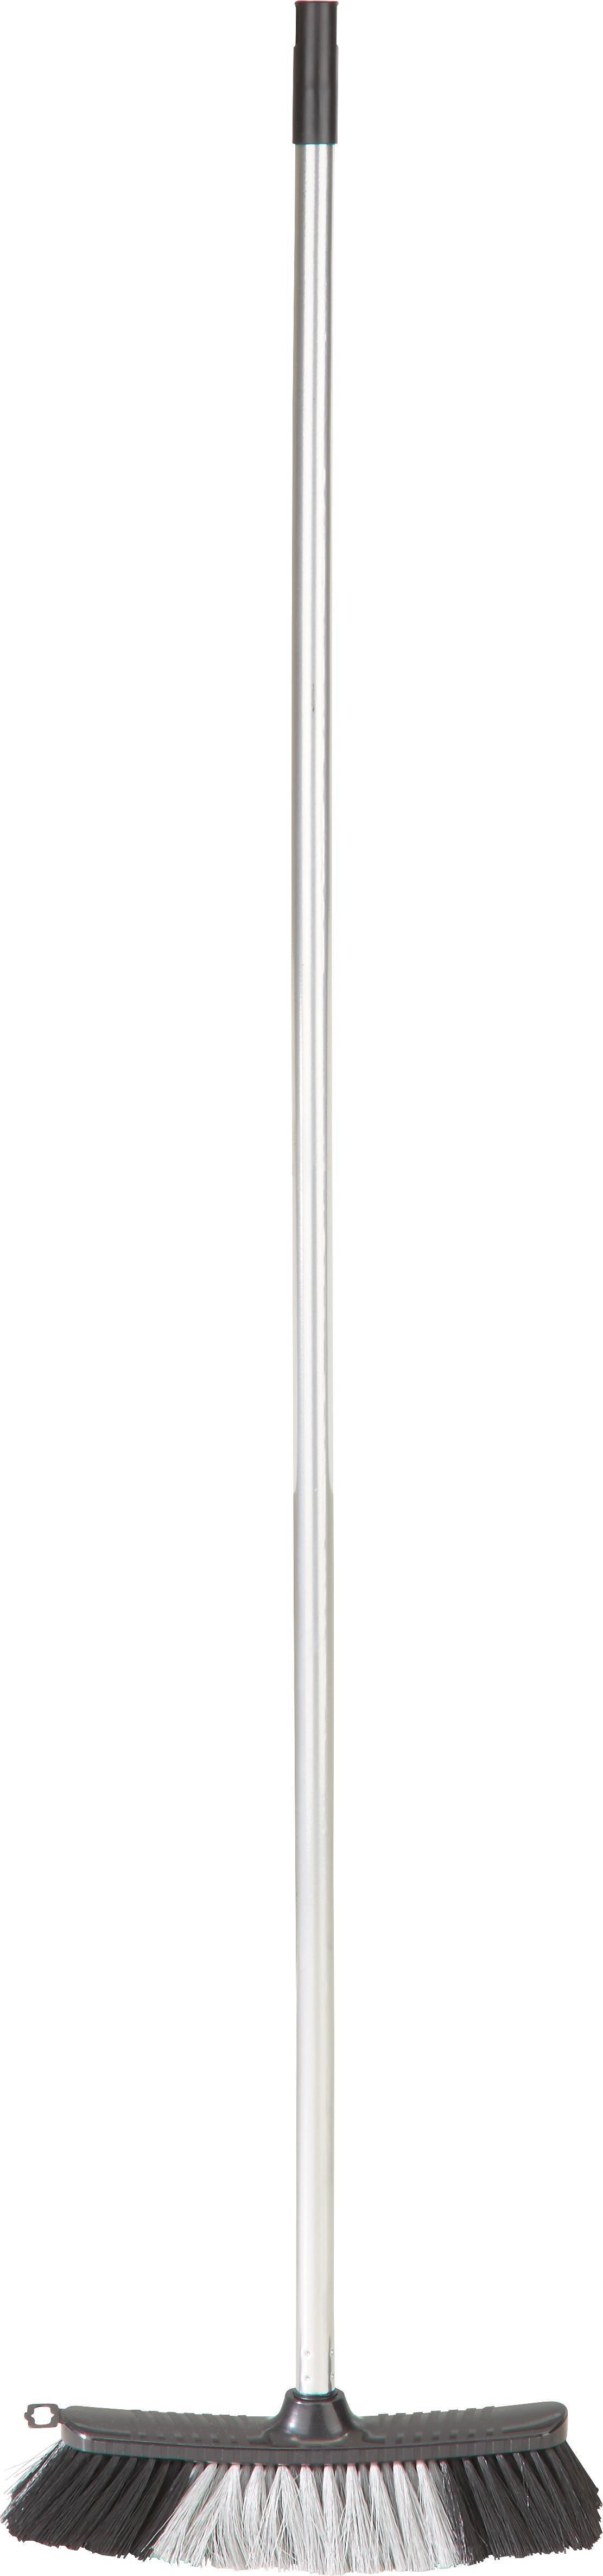 Besen Edgar in Schwarz/chromfarben - Schwarz, Kunststoff (126/6/4cm)